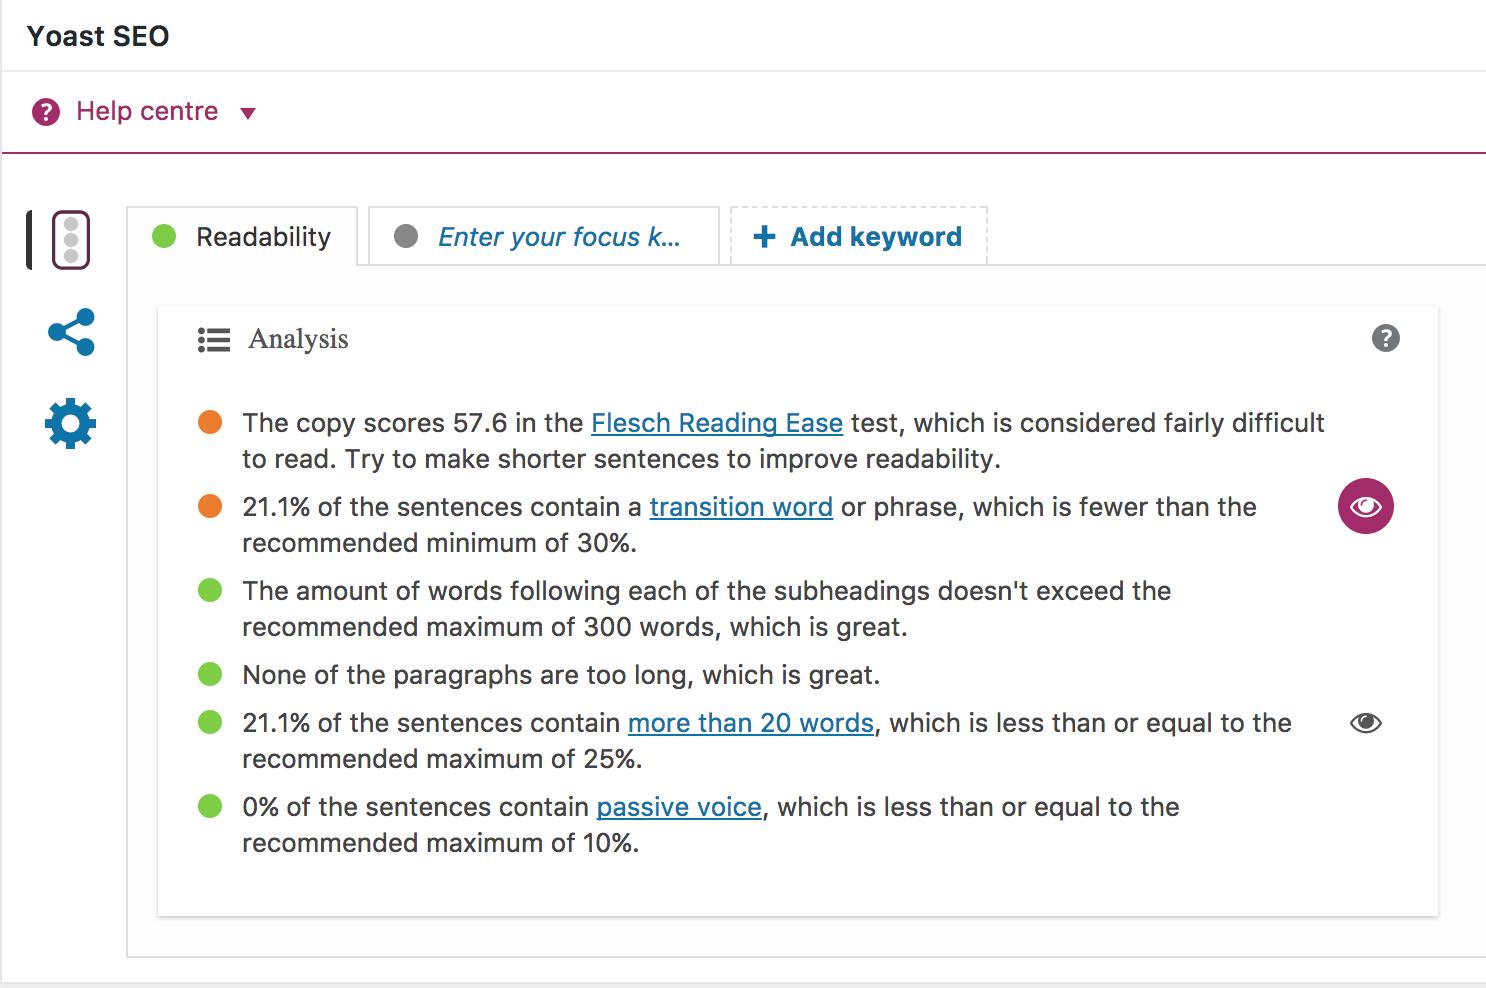 Yoast SEO readability checklist